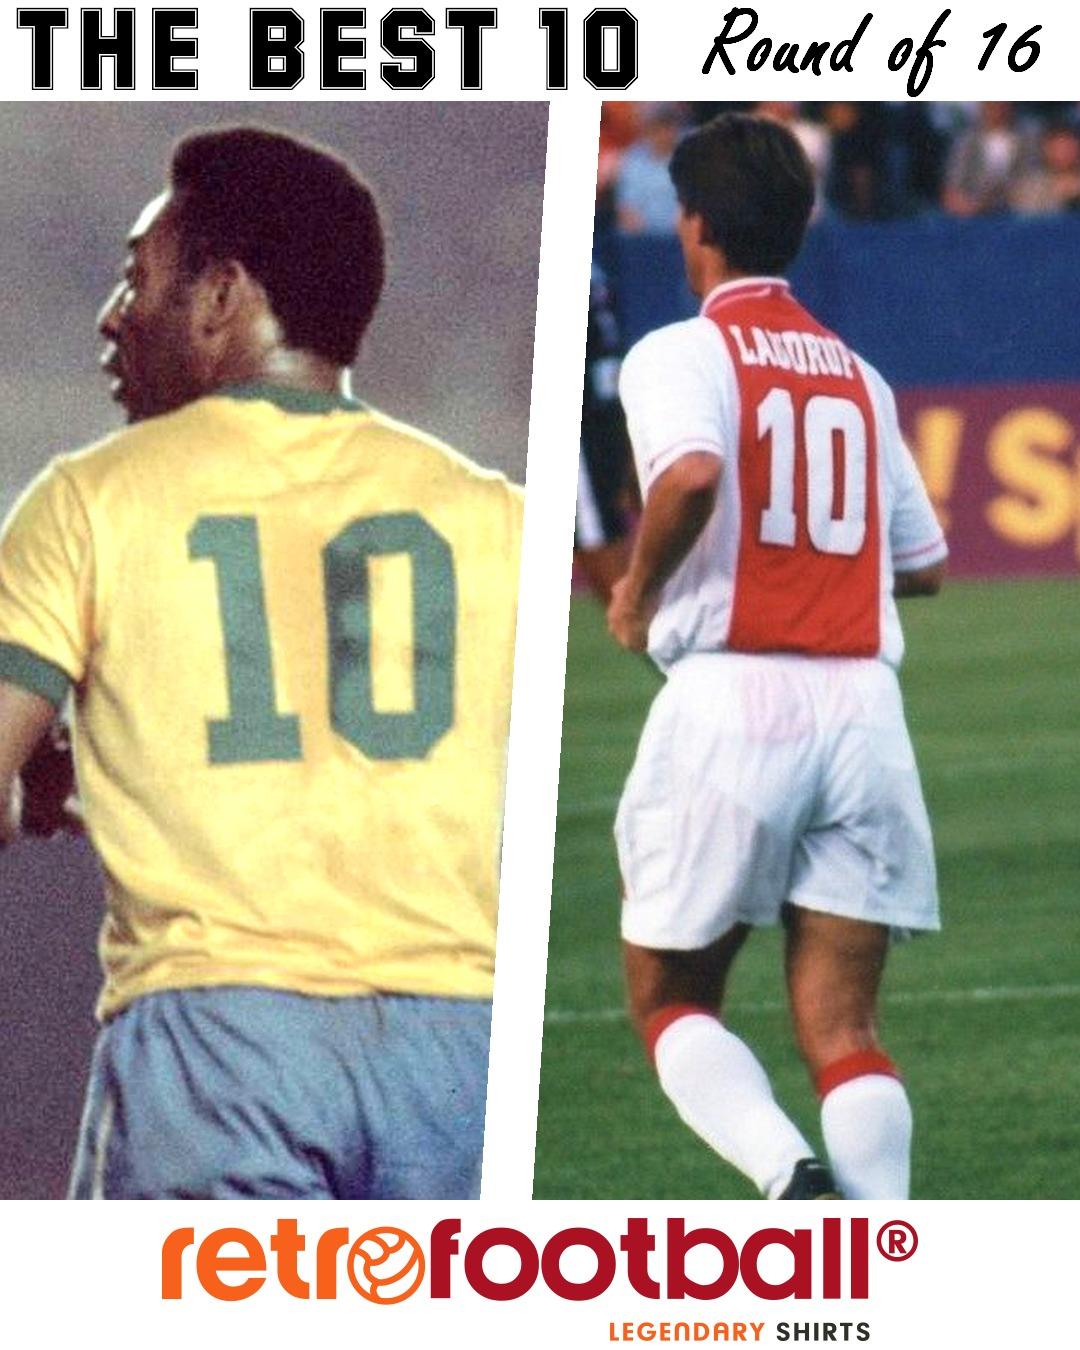 Le Meilleur 10 Pele vs Laudrup Retrofootball